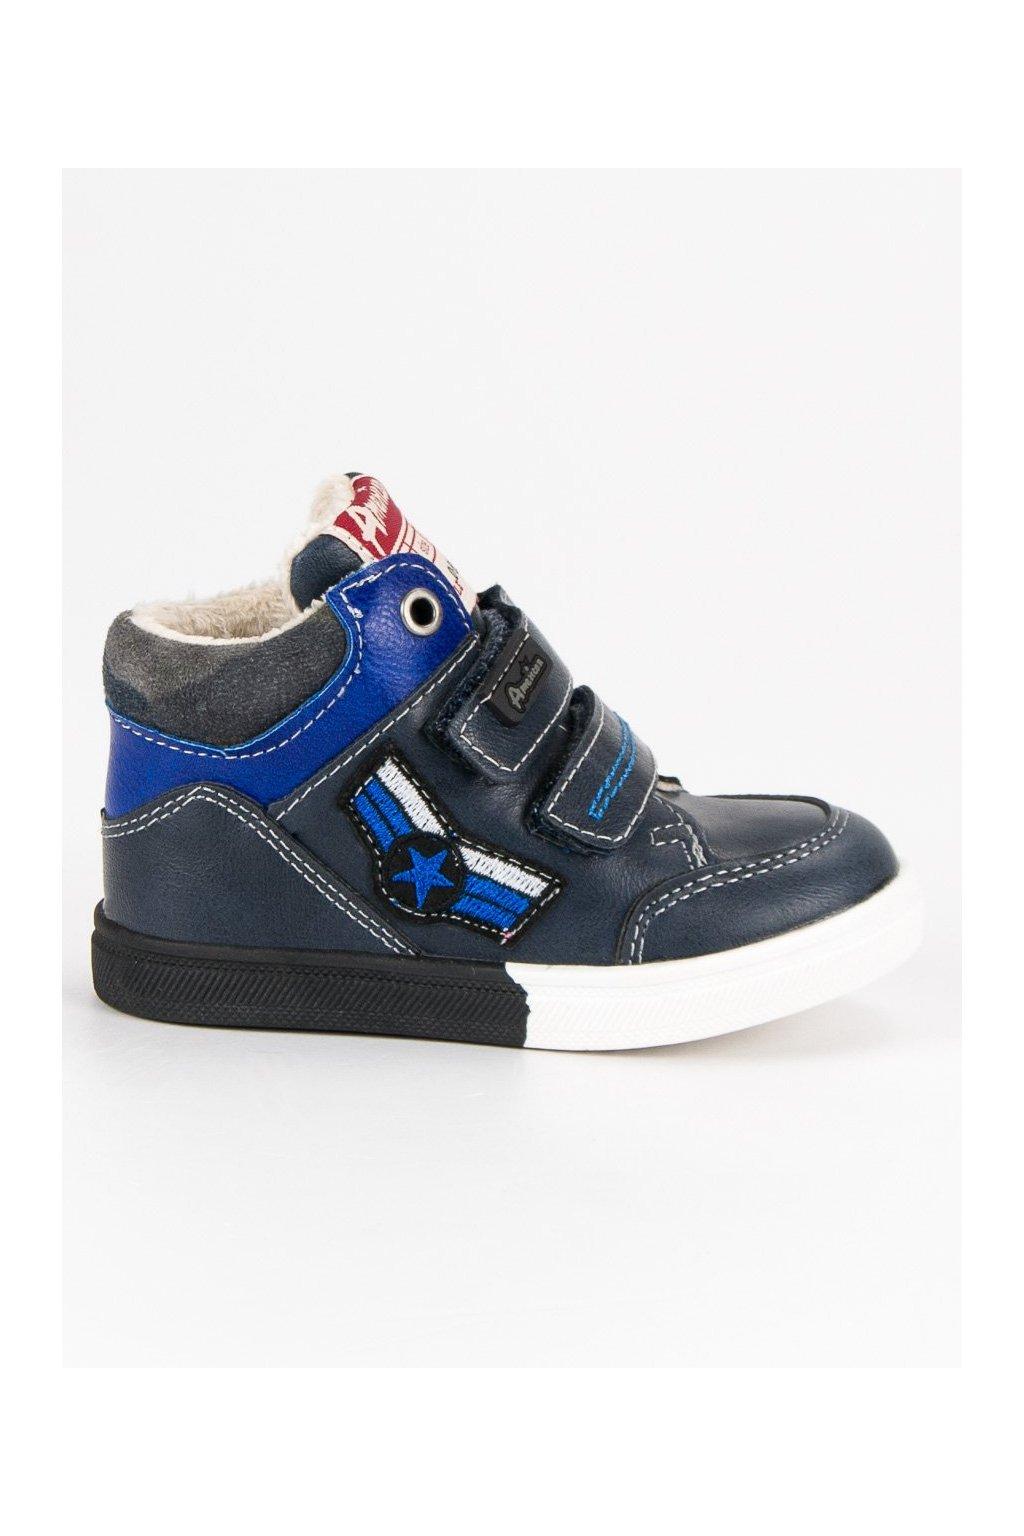 Detské modré zateplené tenisky American Club  ee2dd23d045